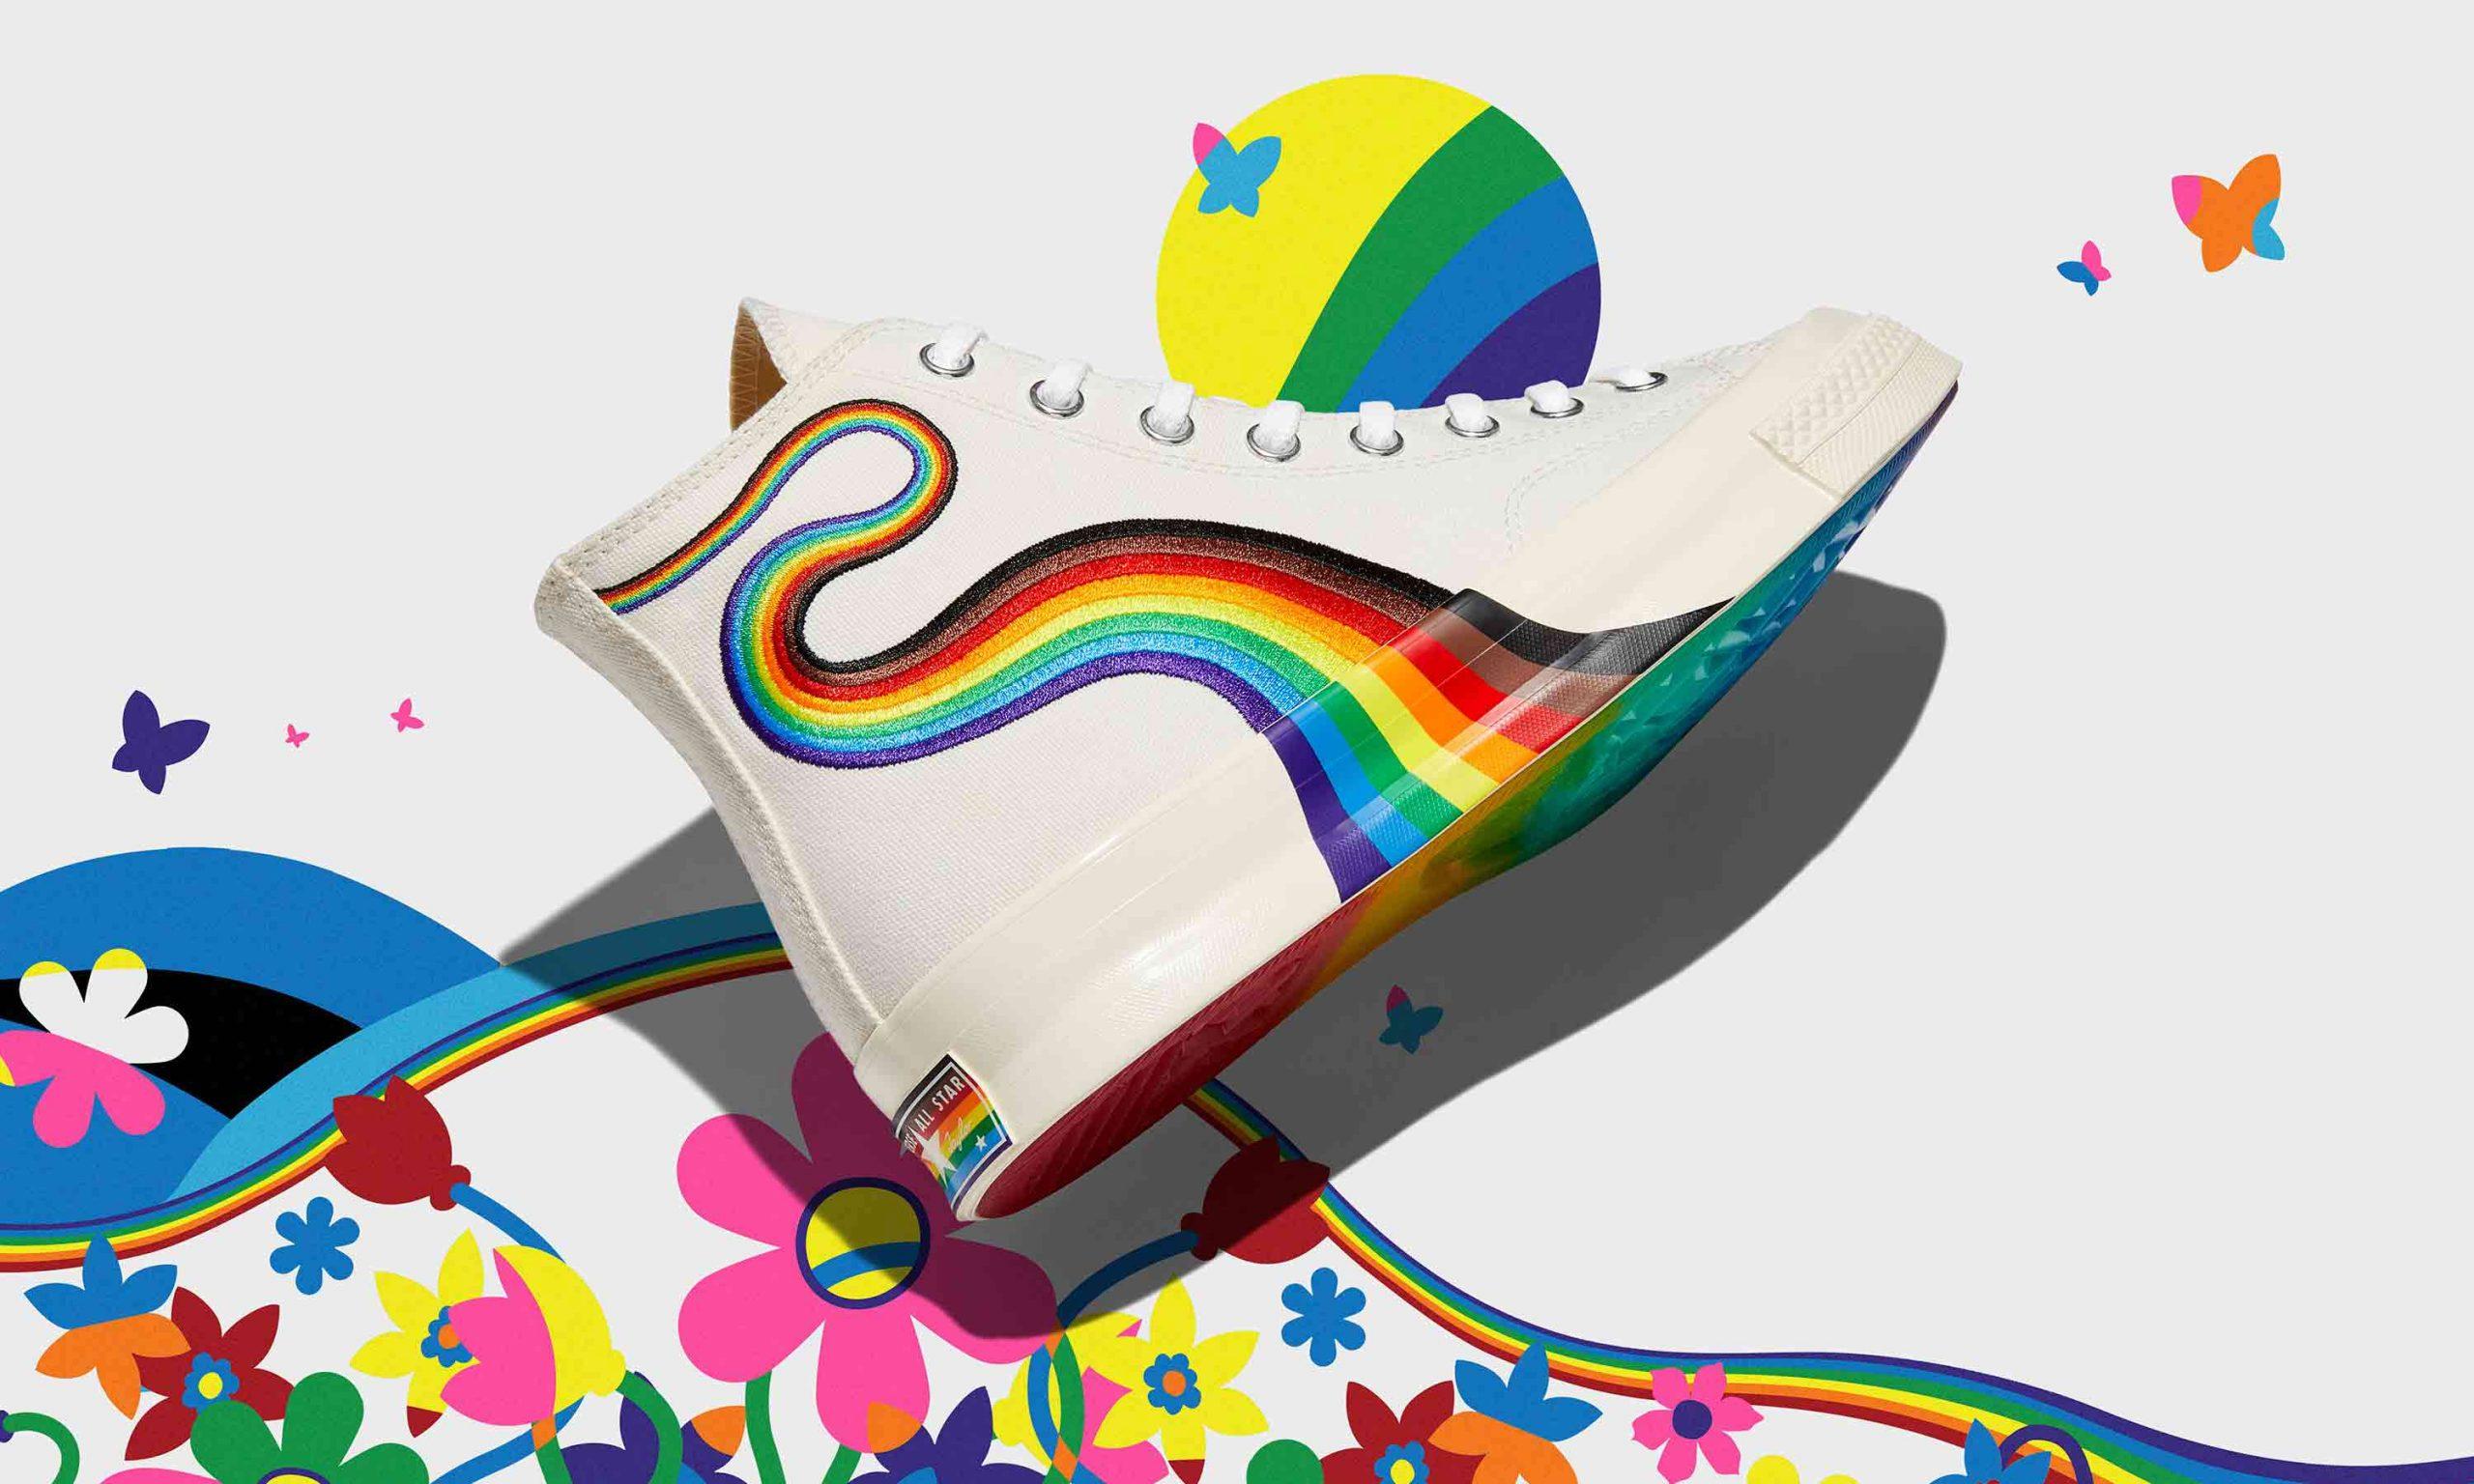 CONVERSE Pride 骄傲月系列释出